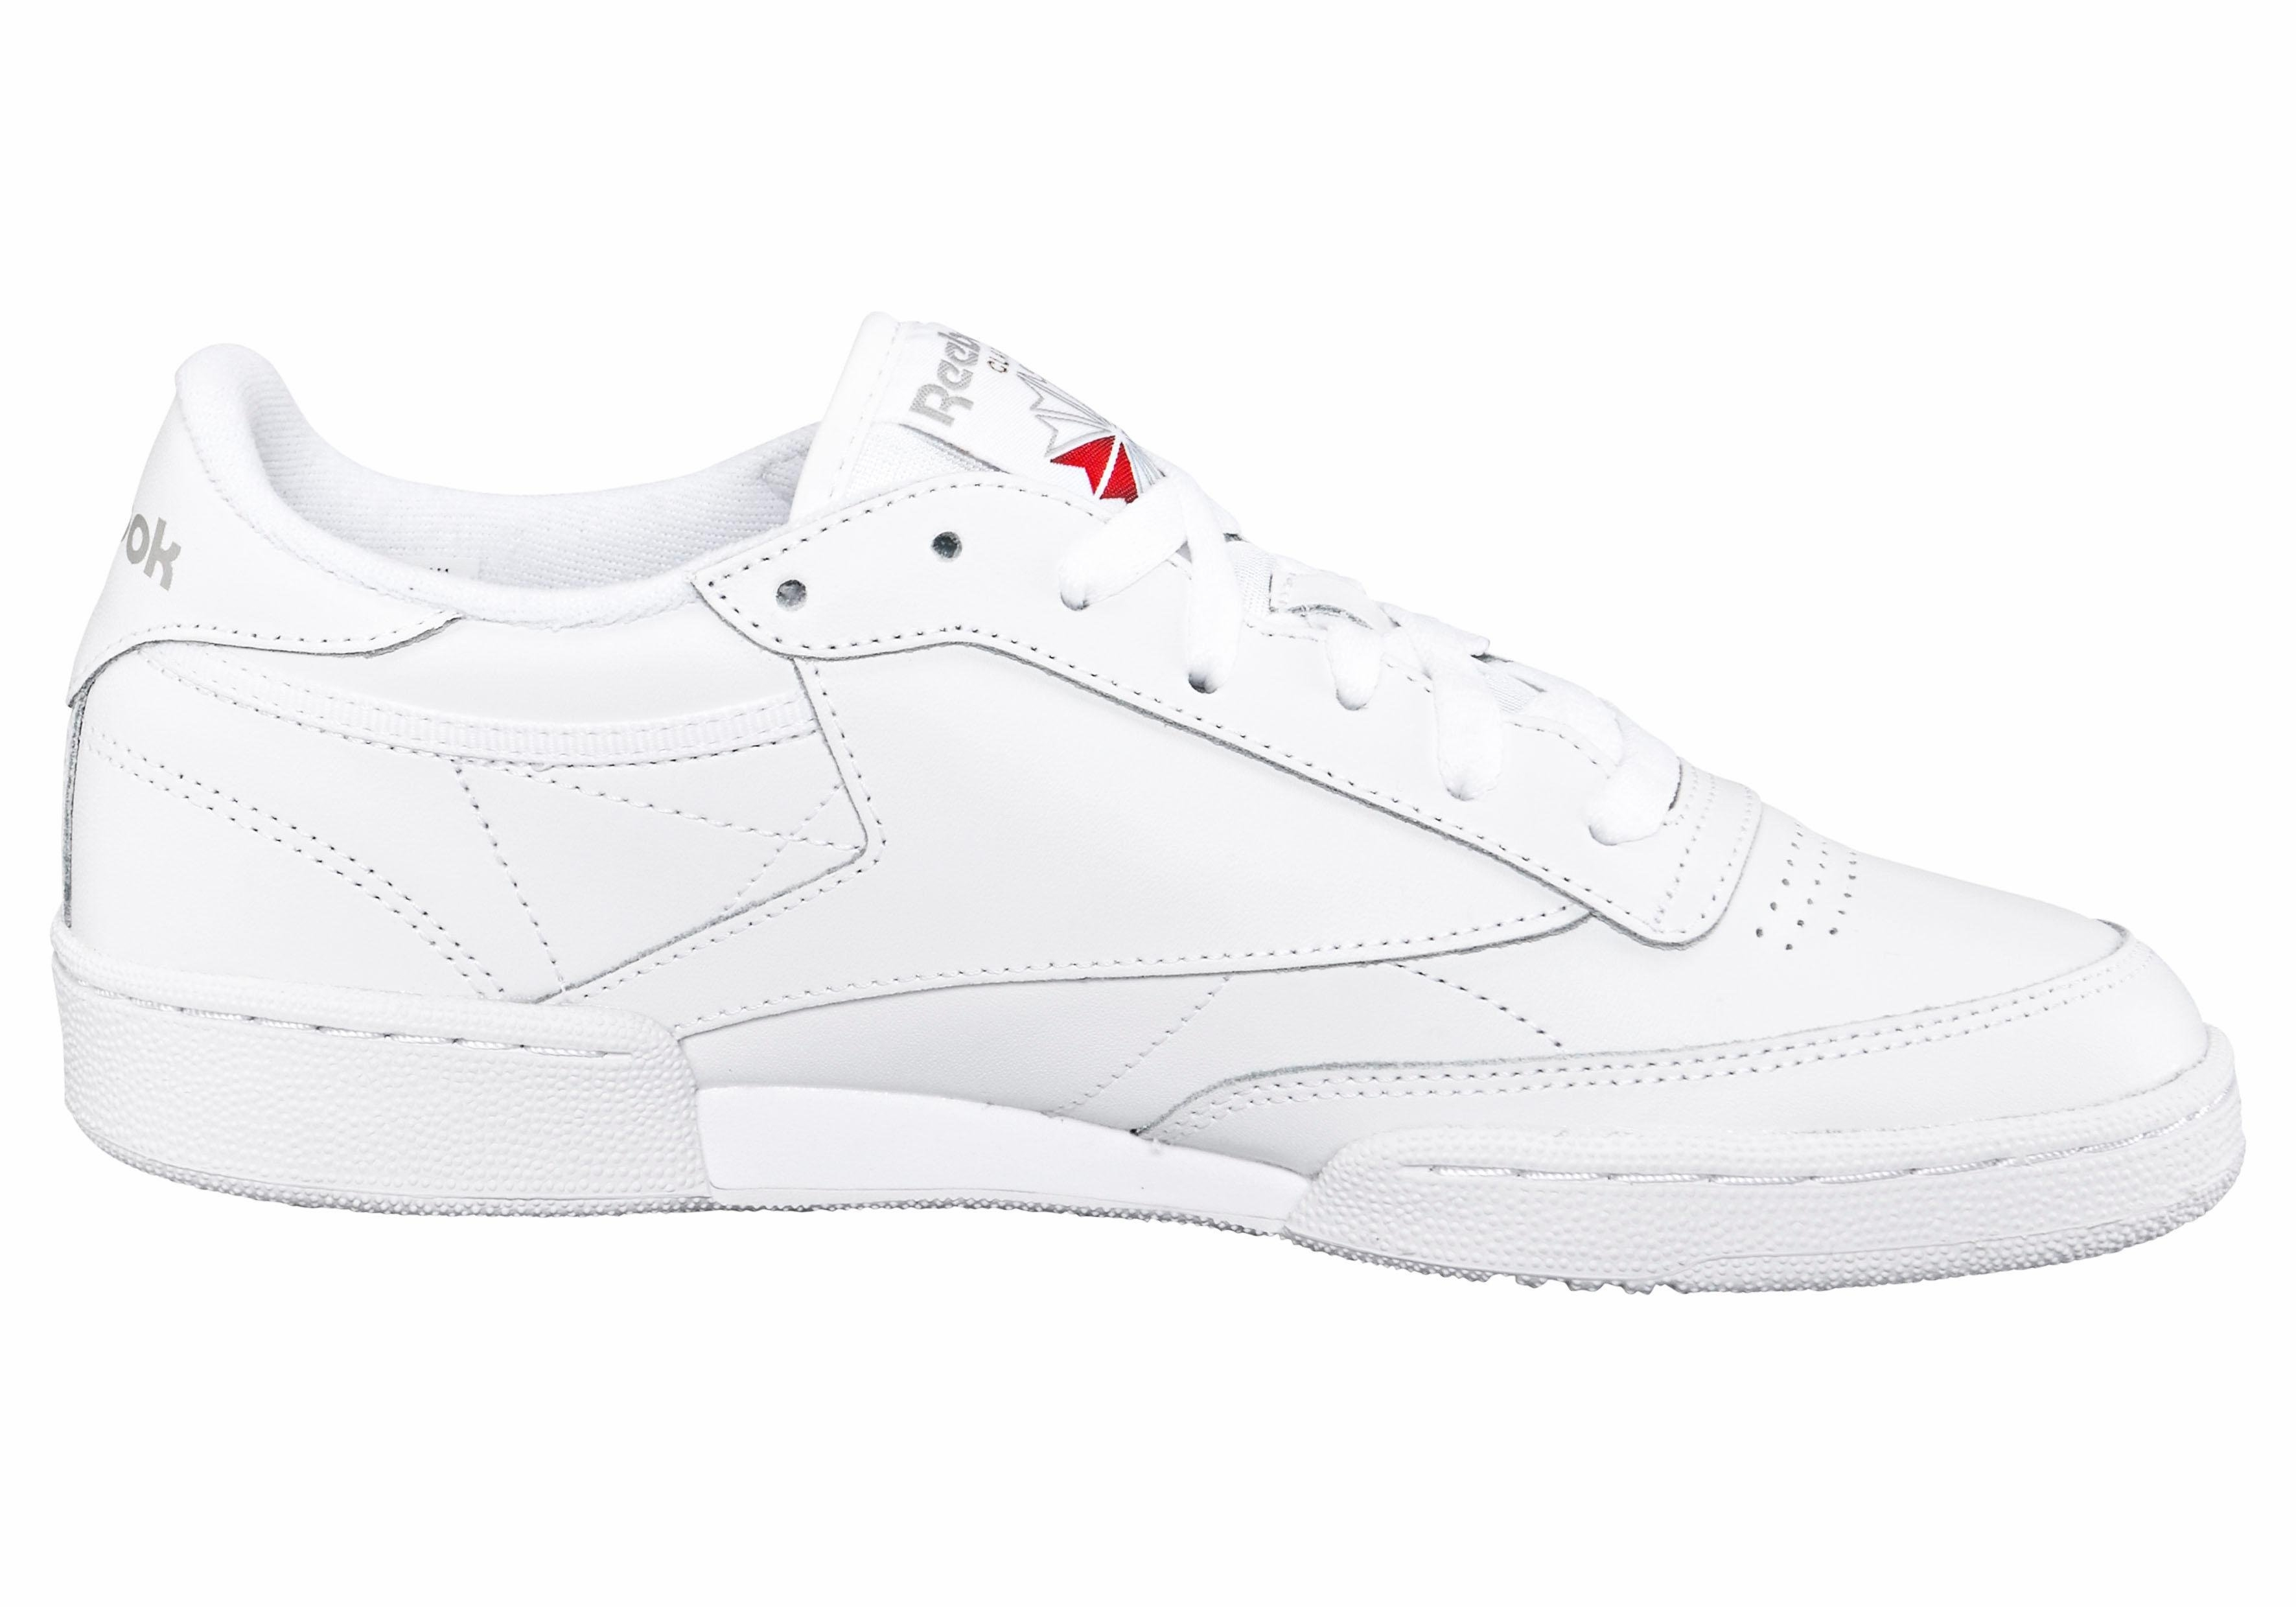 Reebok W Je Sneakersclub Vind C 85 Bij DHWE29I